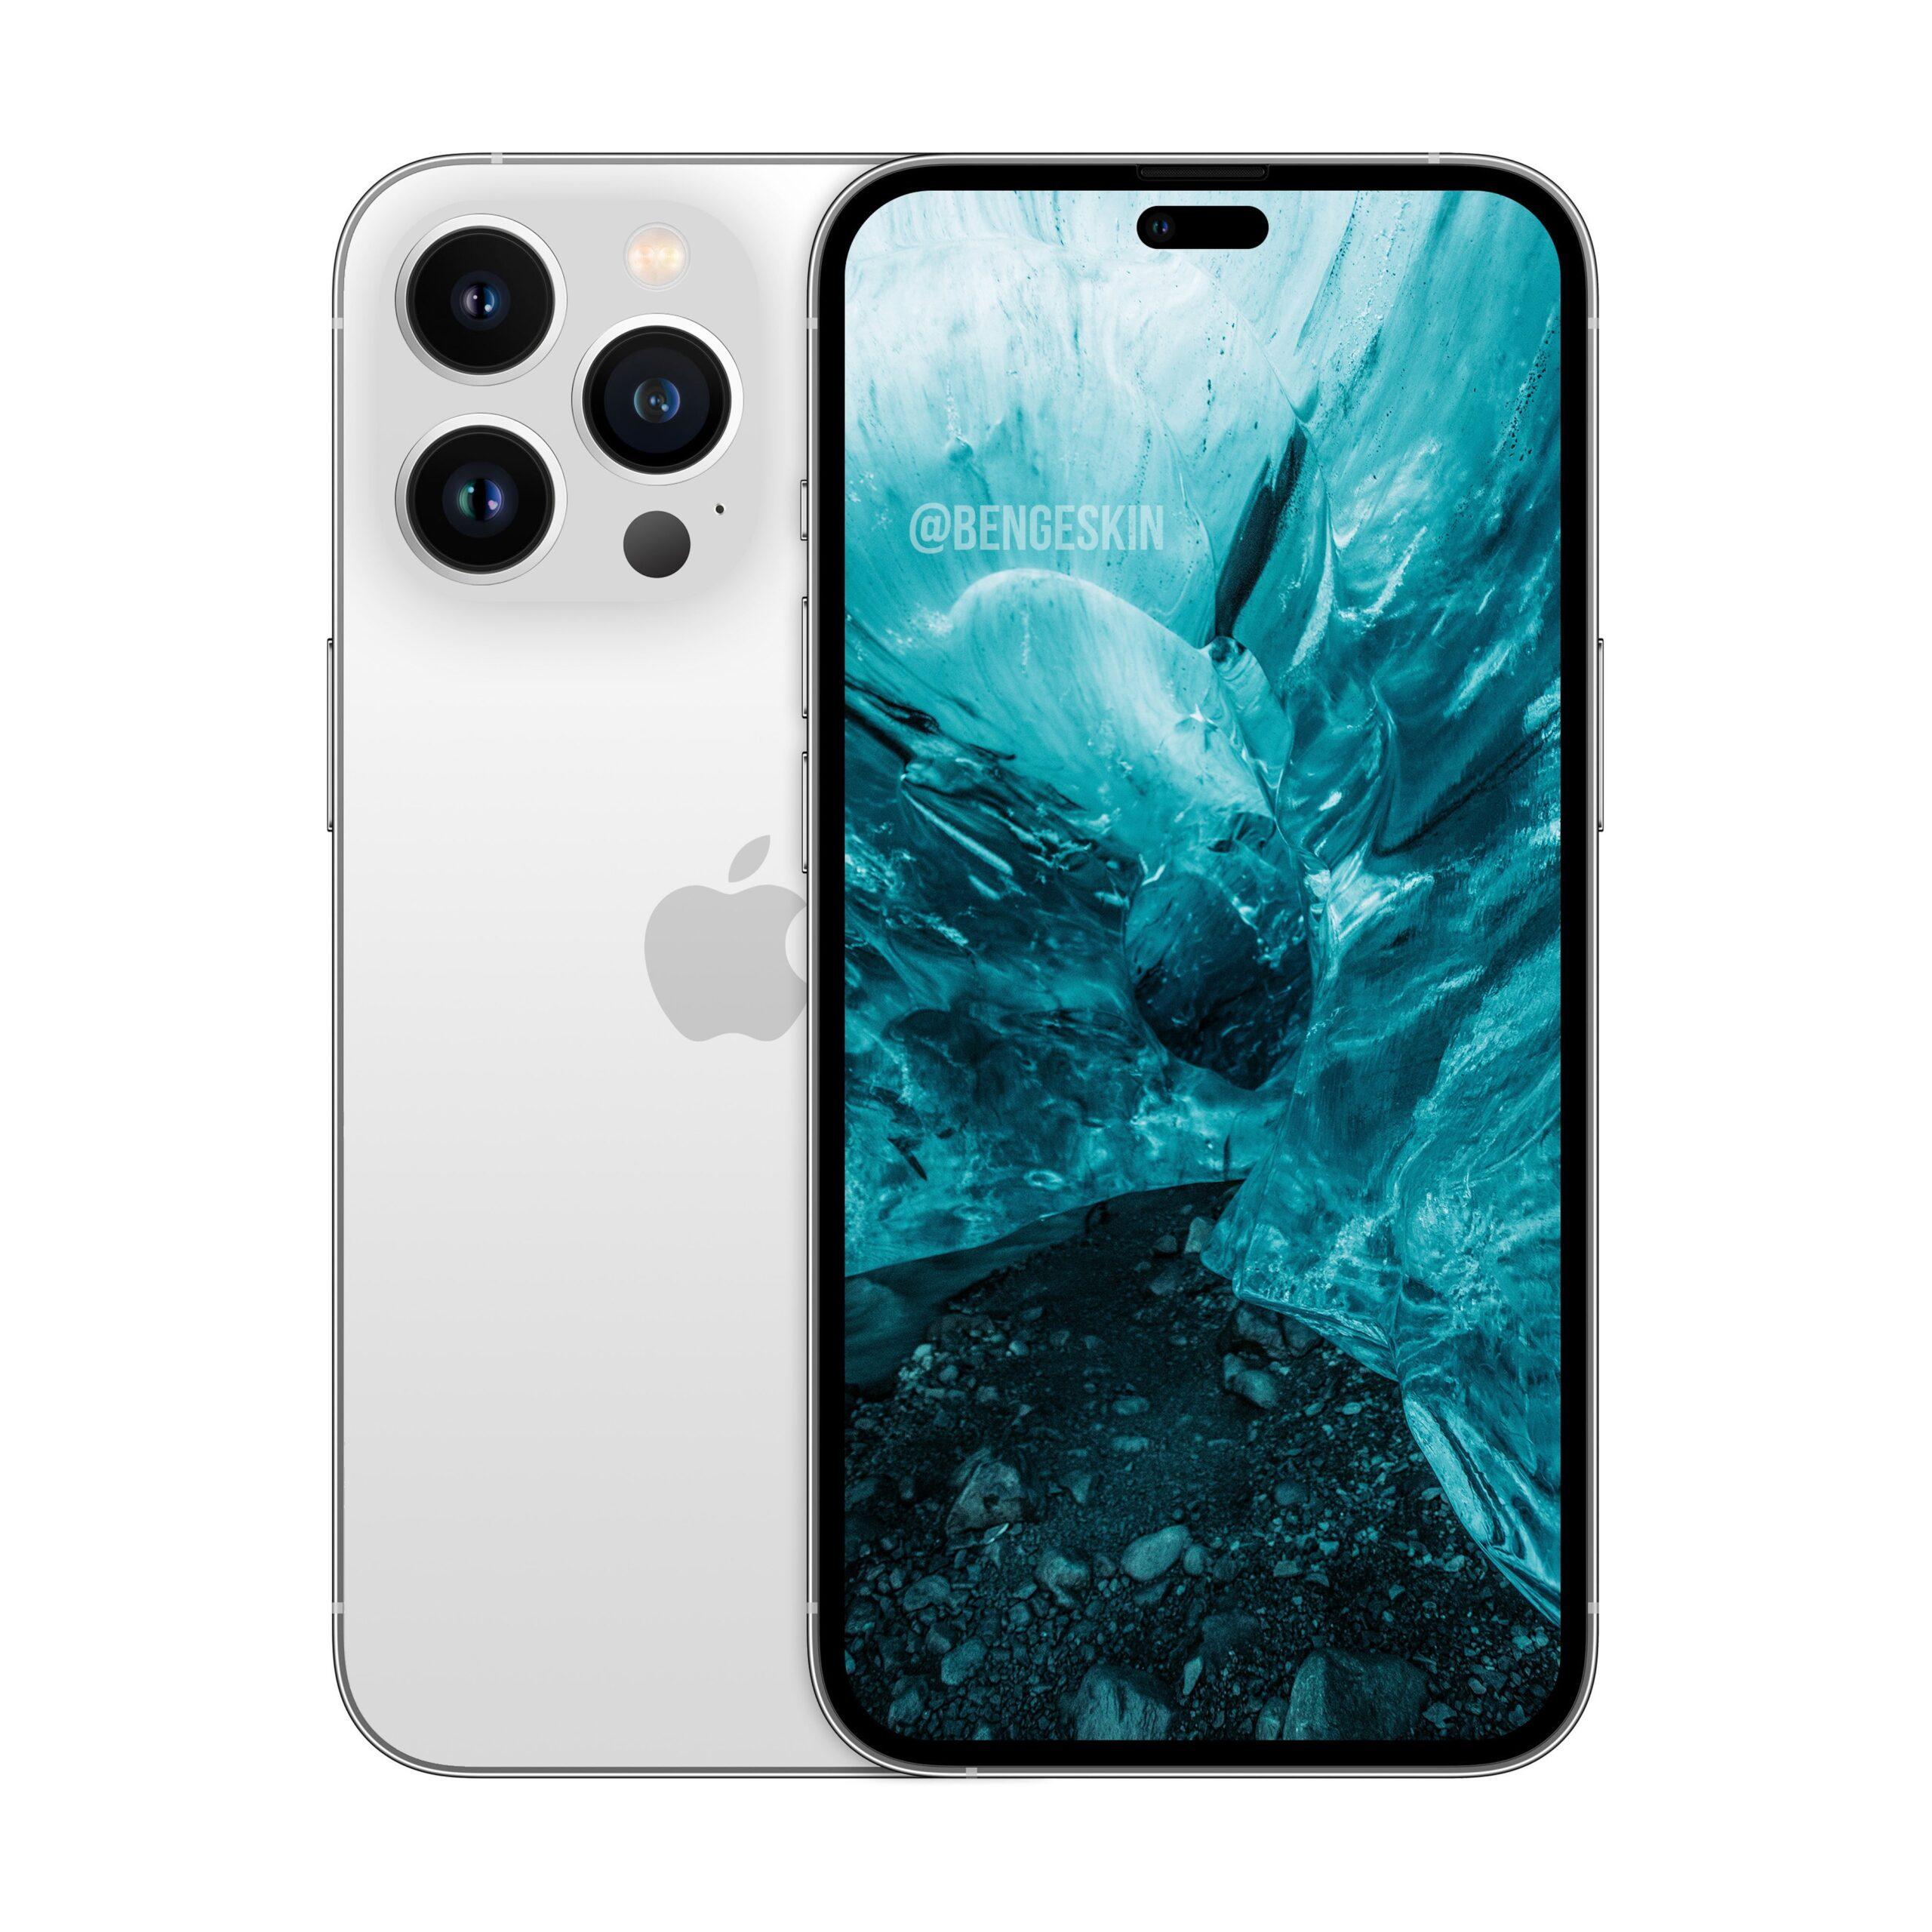 iPhone 14 Pro rumor